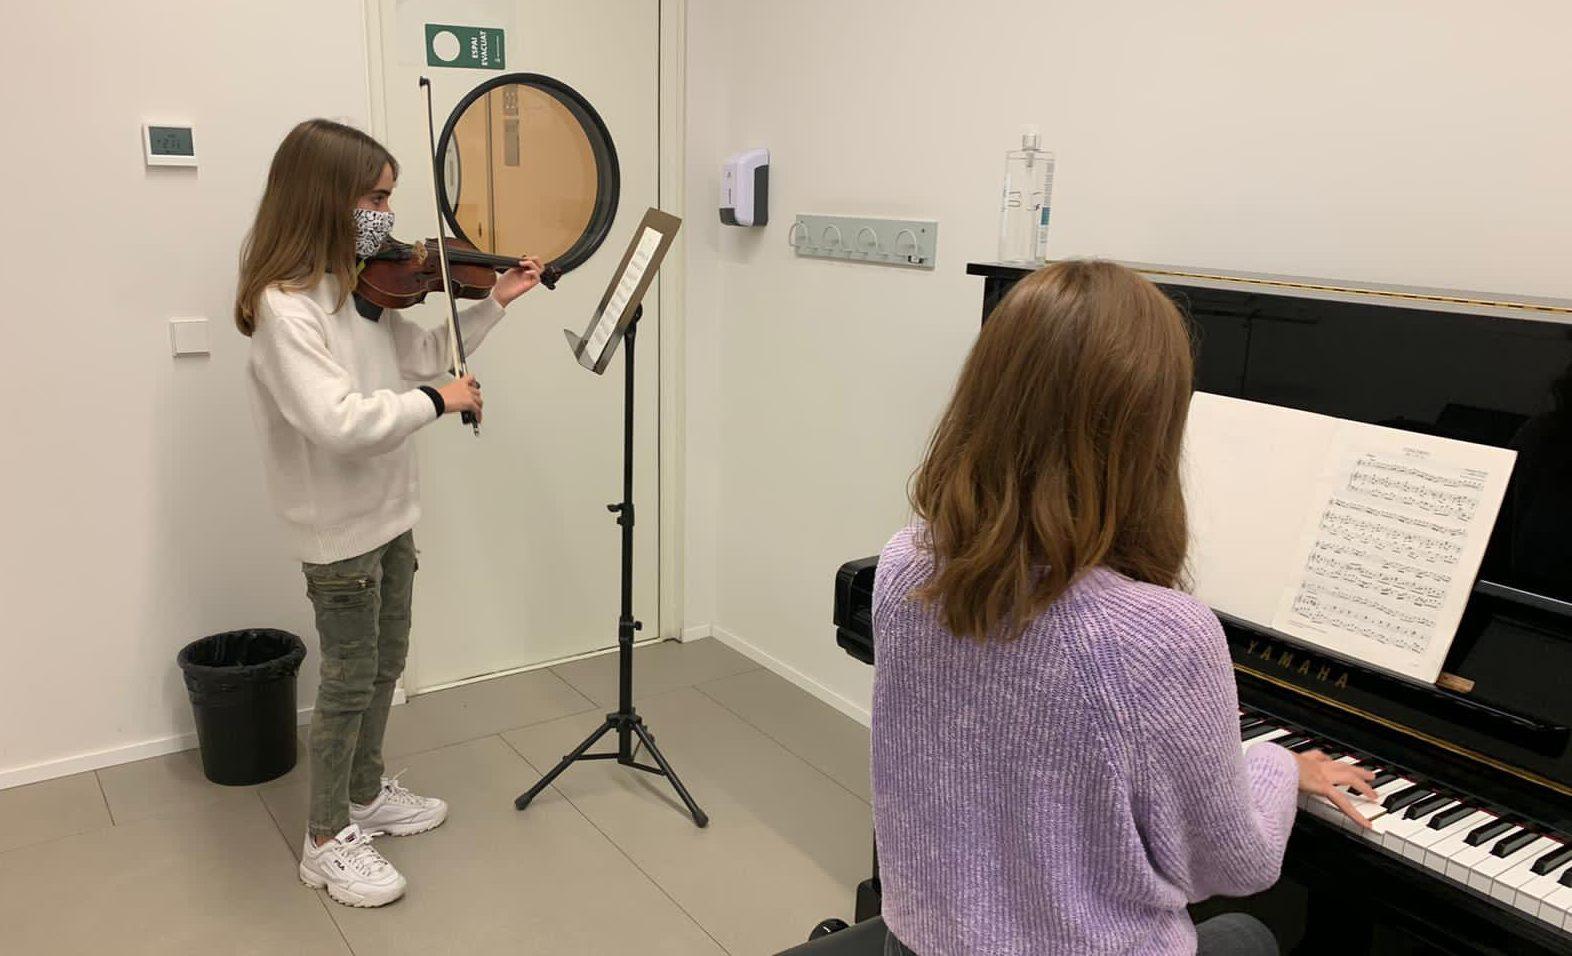 Les escoles de música de la Diputació a Tarragona, Reus i Tortosa obren el termini de preinscripcions